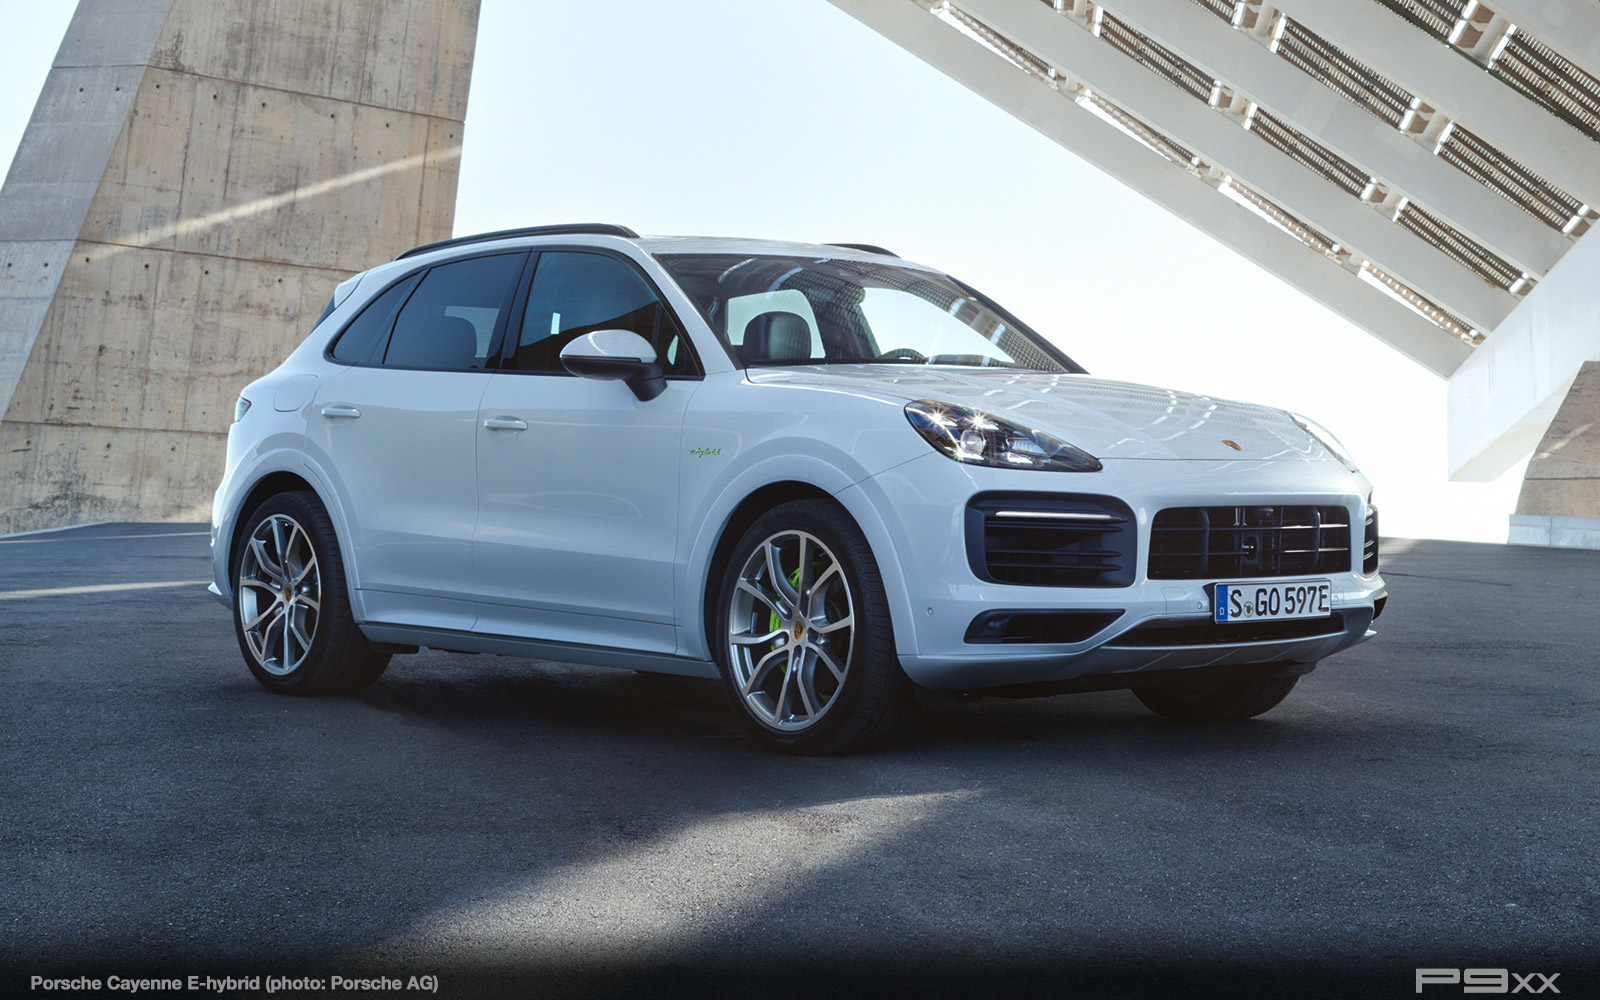 Porsche-Cayenne-E-hybrid-333